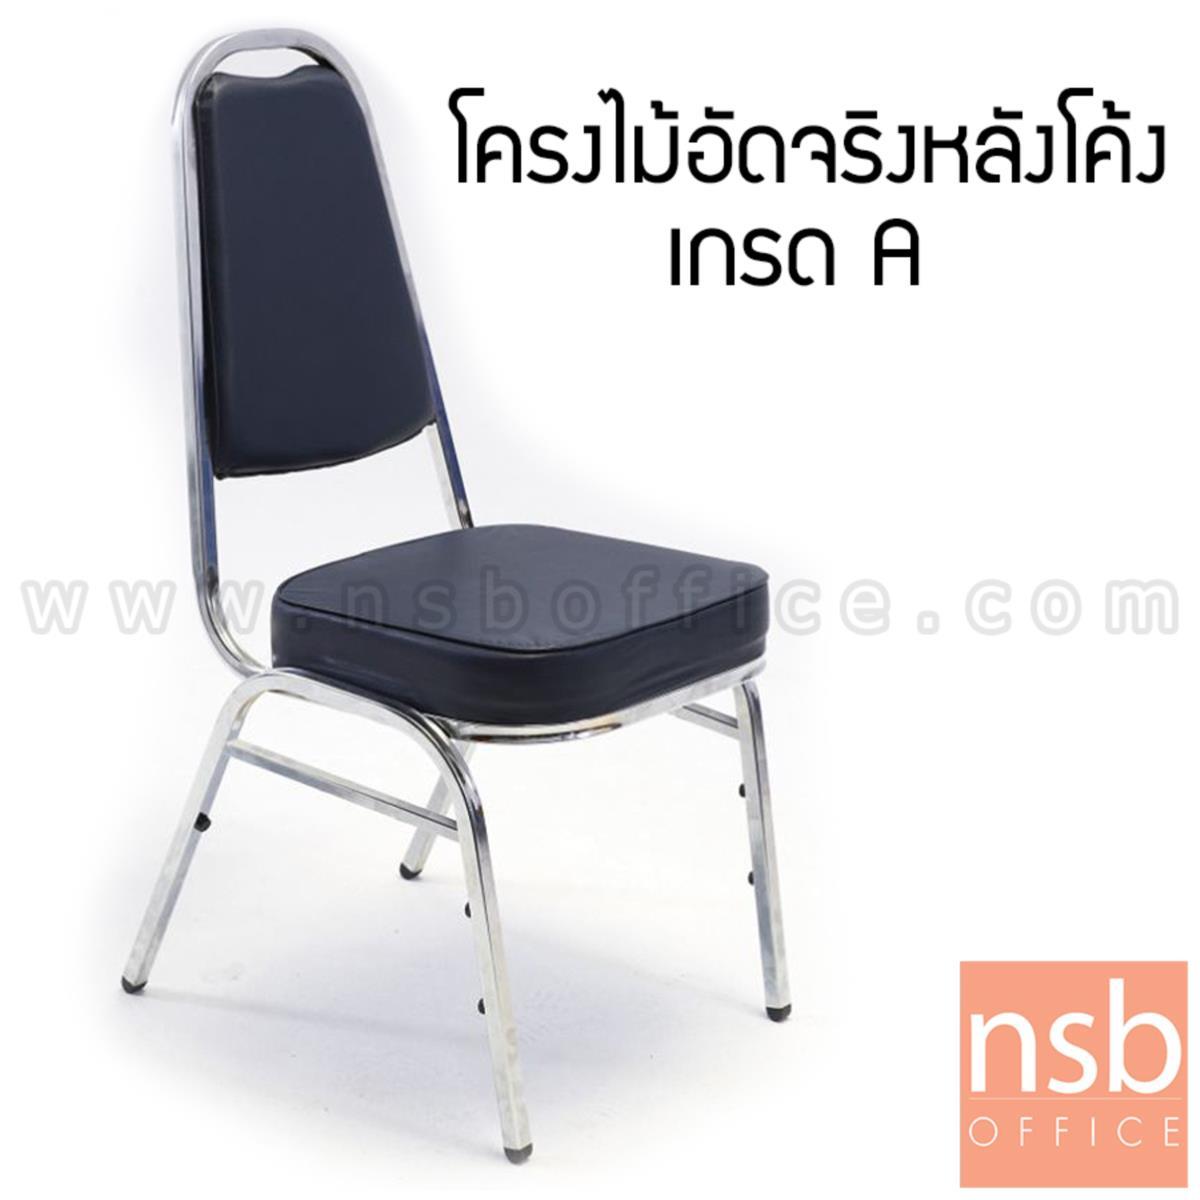 B05A129:เก้าอี้อเนกประสงค์จัดเลี้ยง รุ่น West (เวสท์) ขนาด 86H cm. ขาเหล็ก